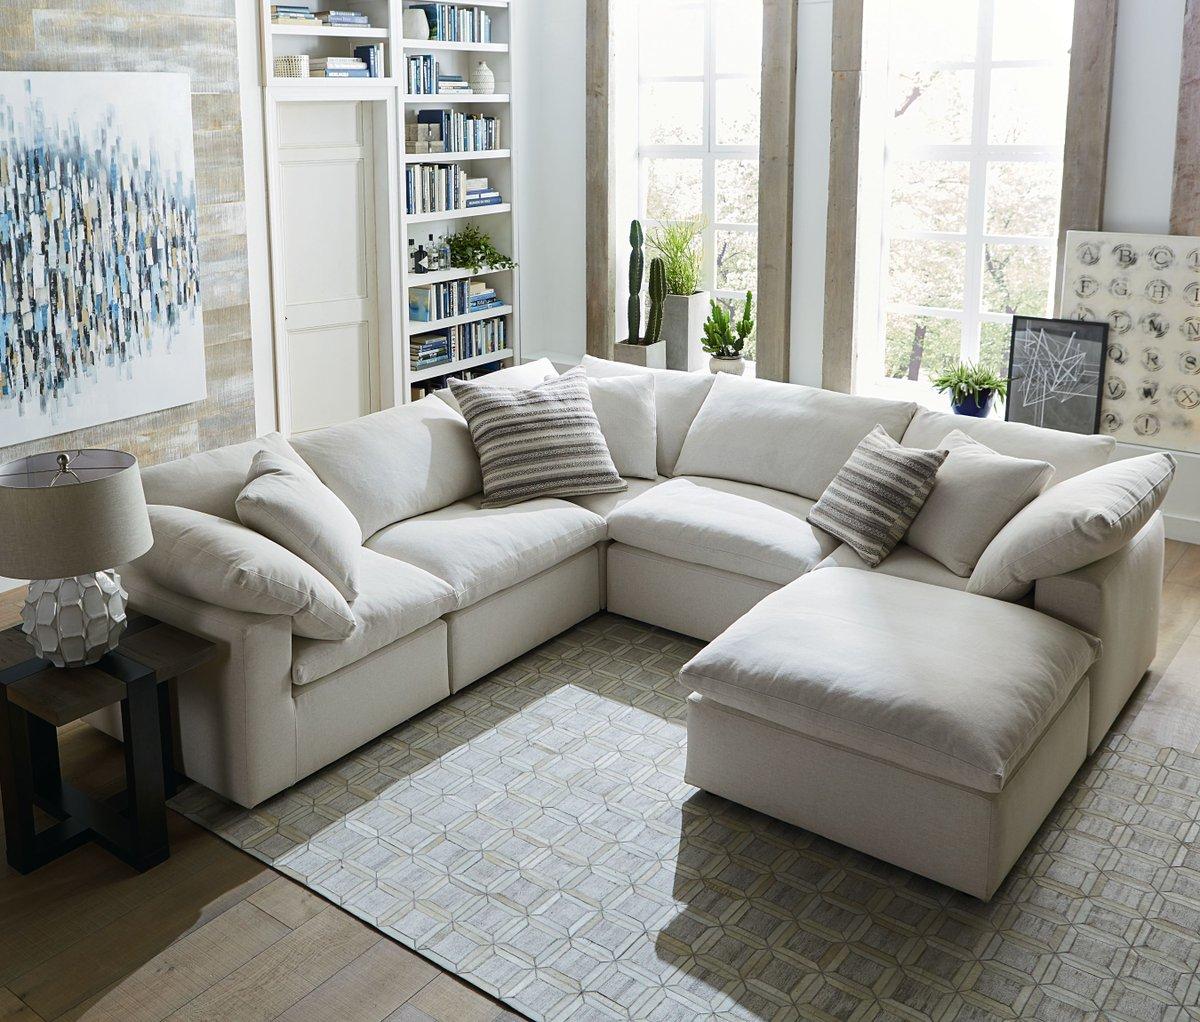 Bassett Furniture Us Bassettus Twitter